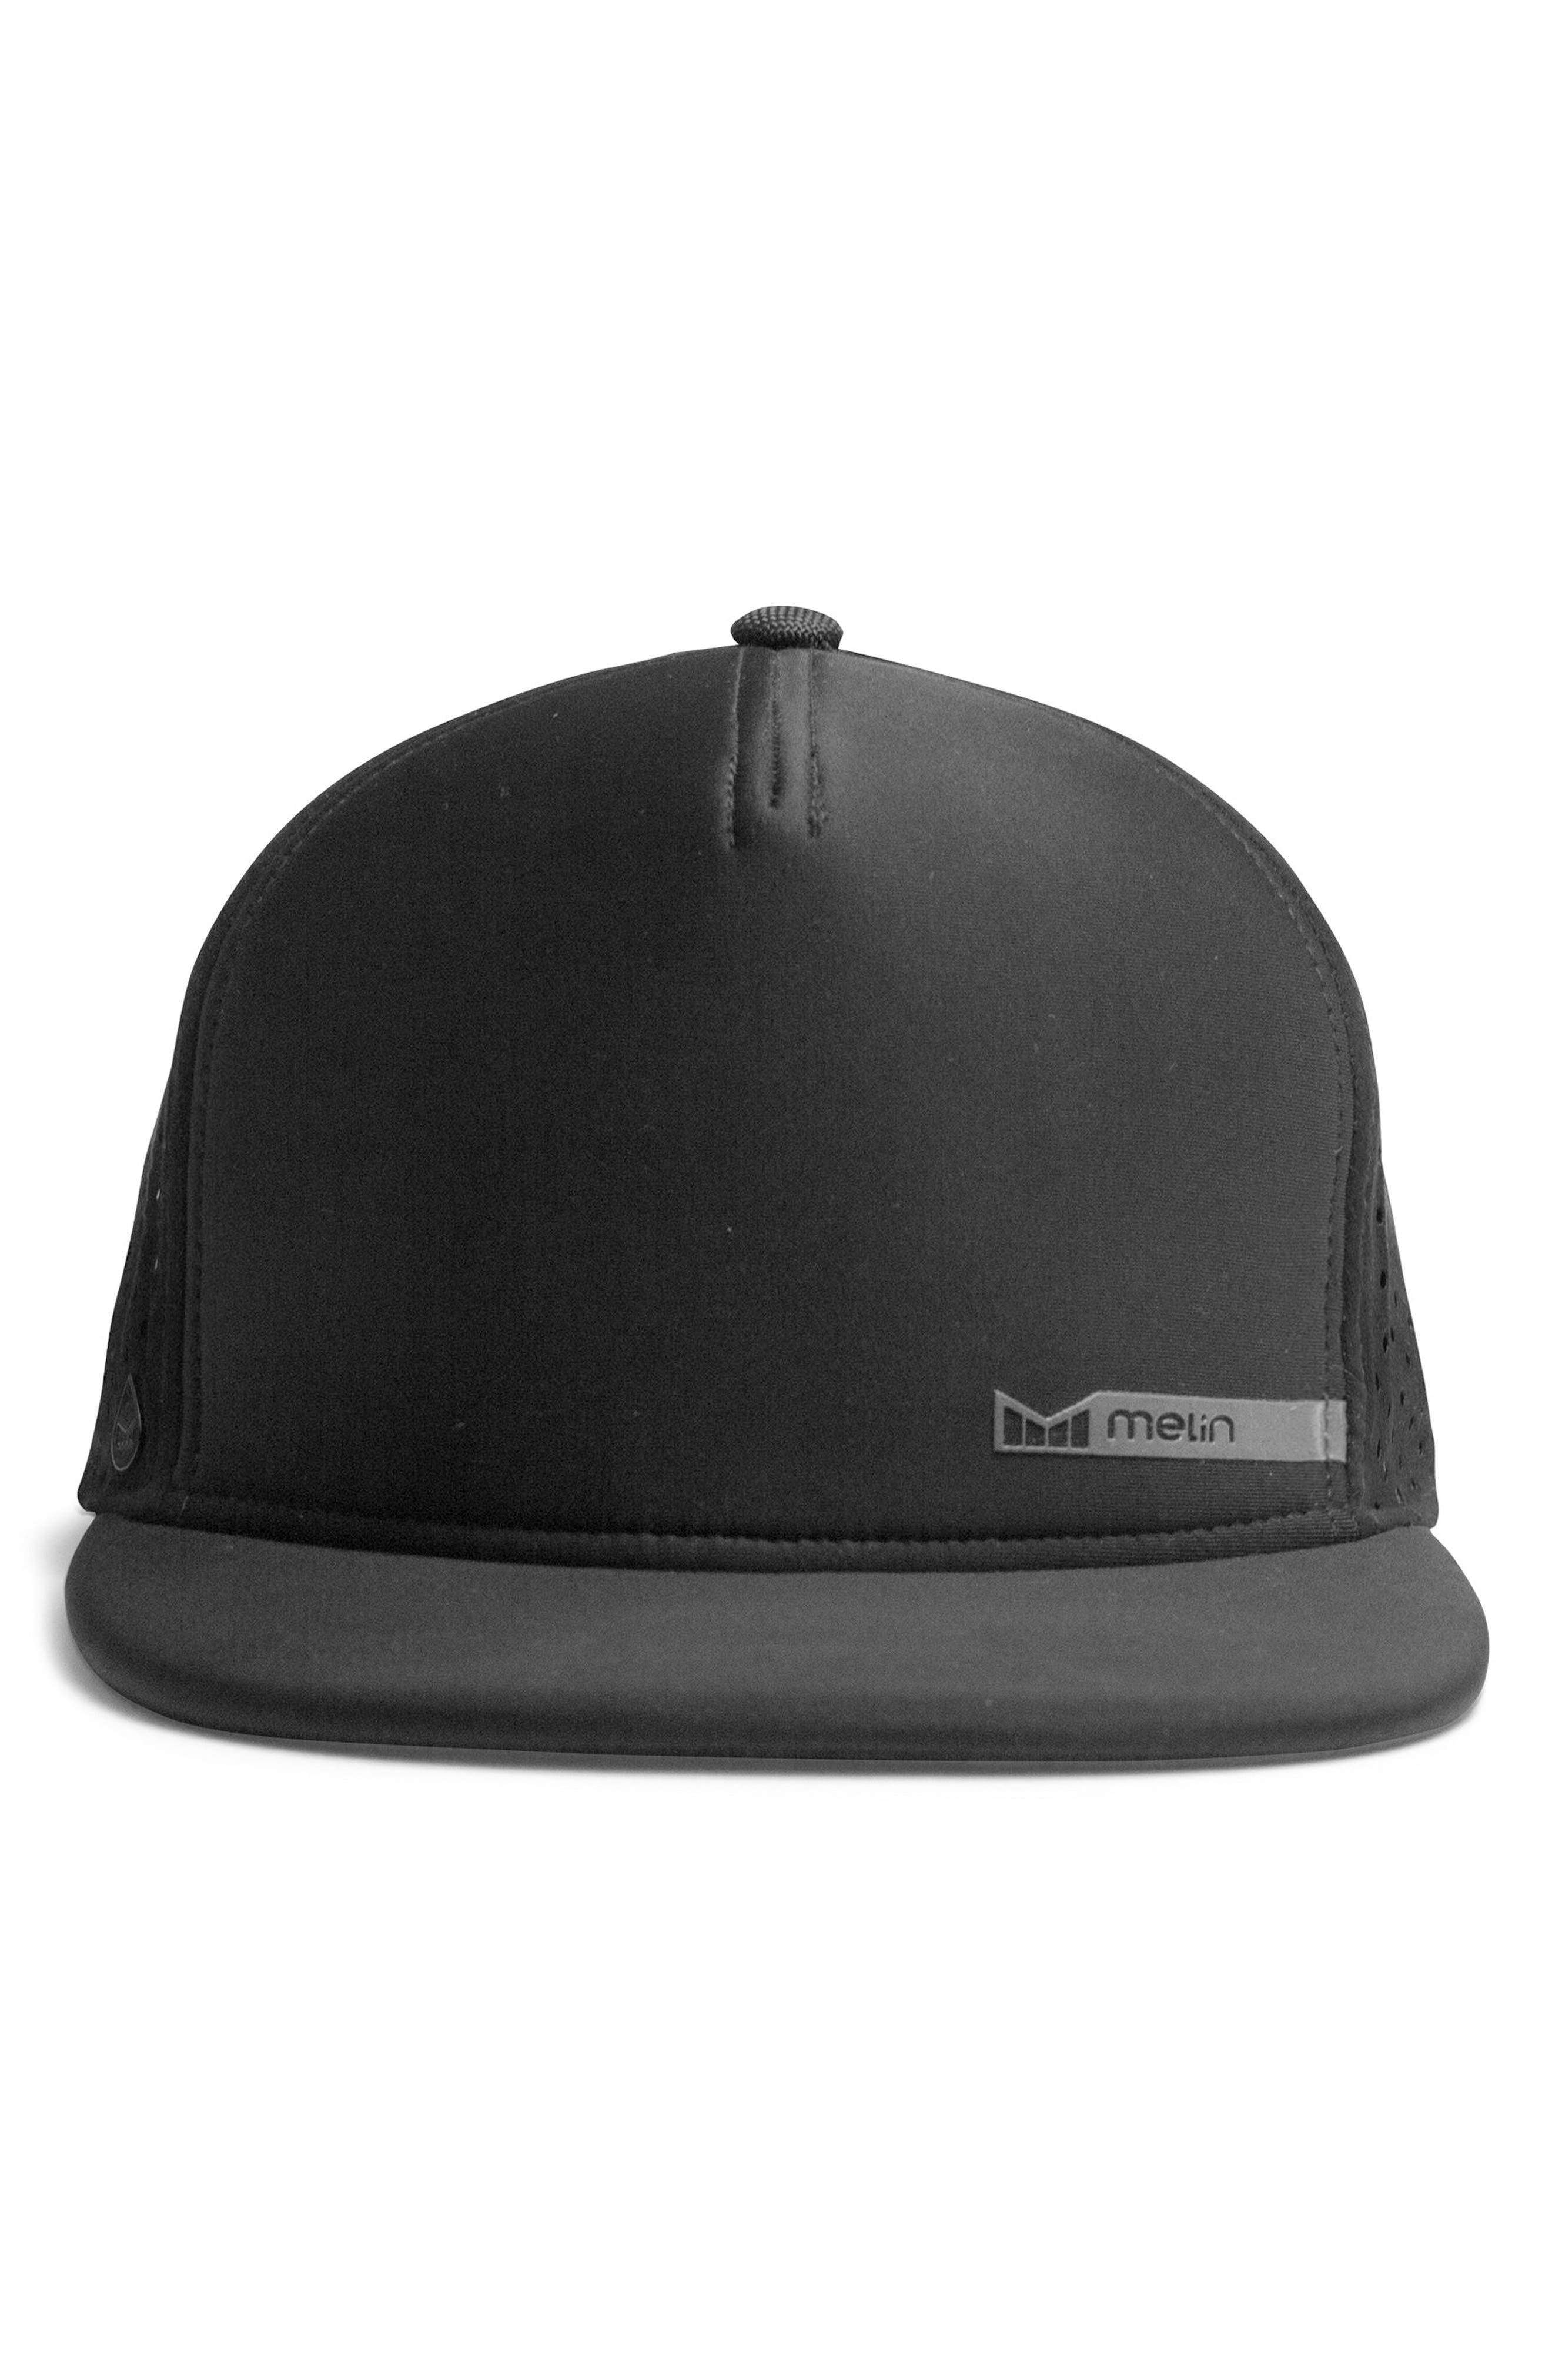 'Amphibian' Split Fit Snapback Baseball Cap,                             Alternate thumbnail 3, color,                             Black/ Black